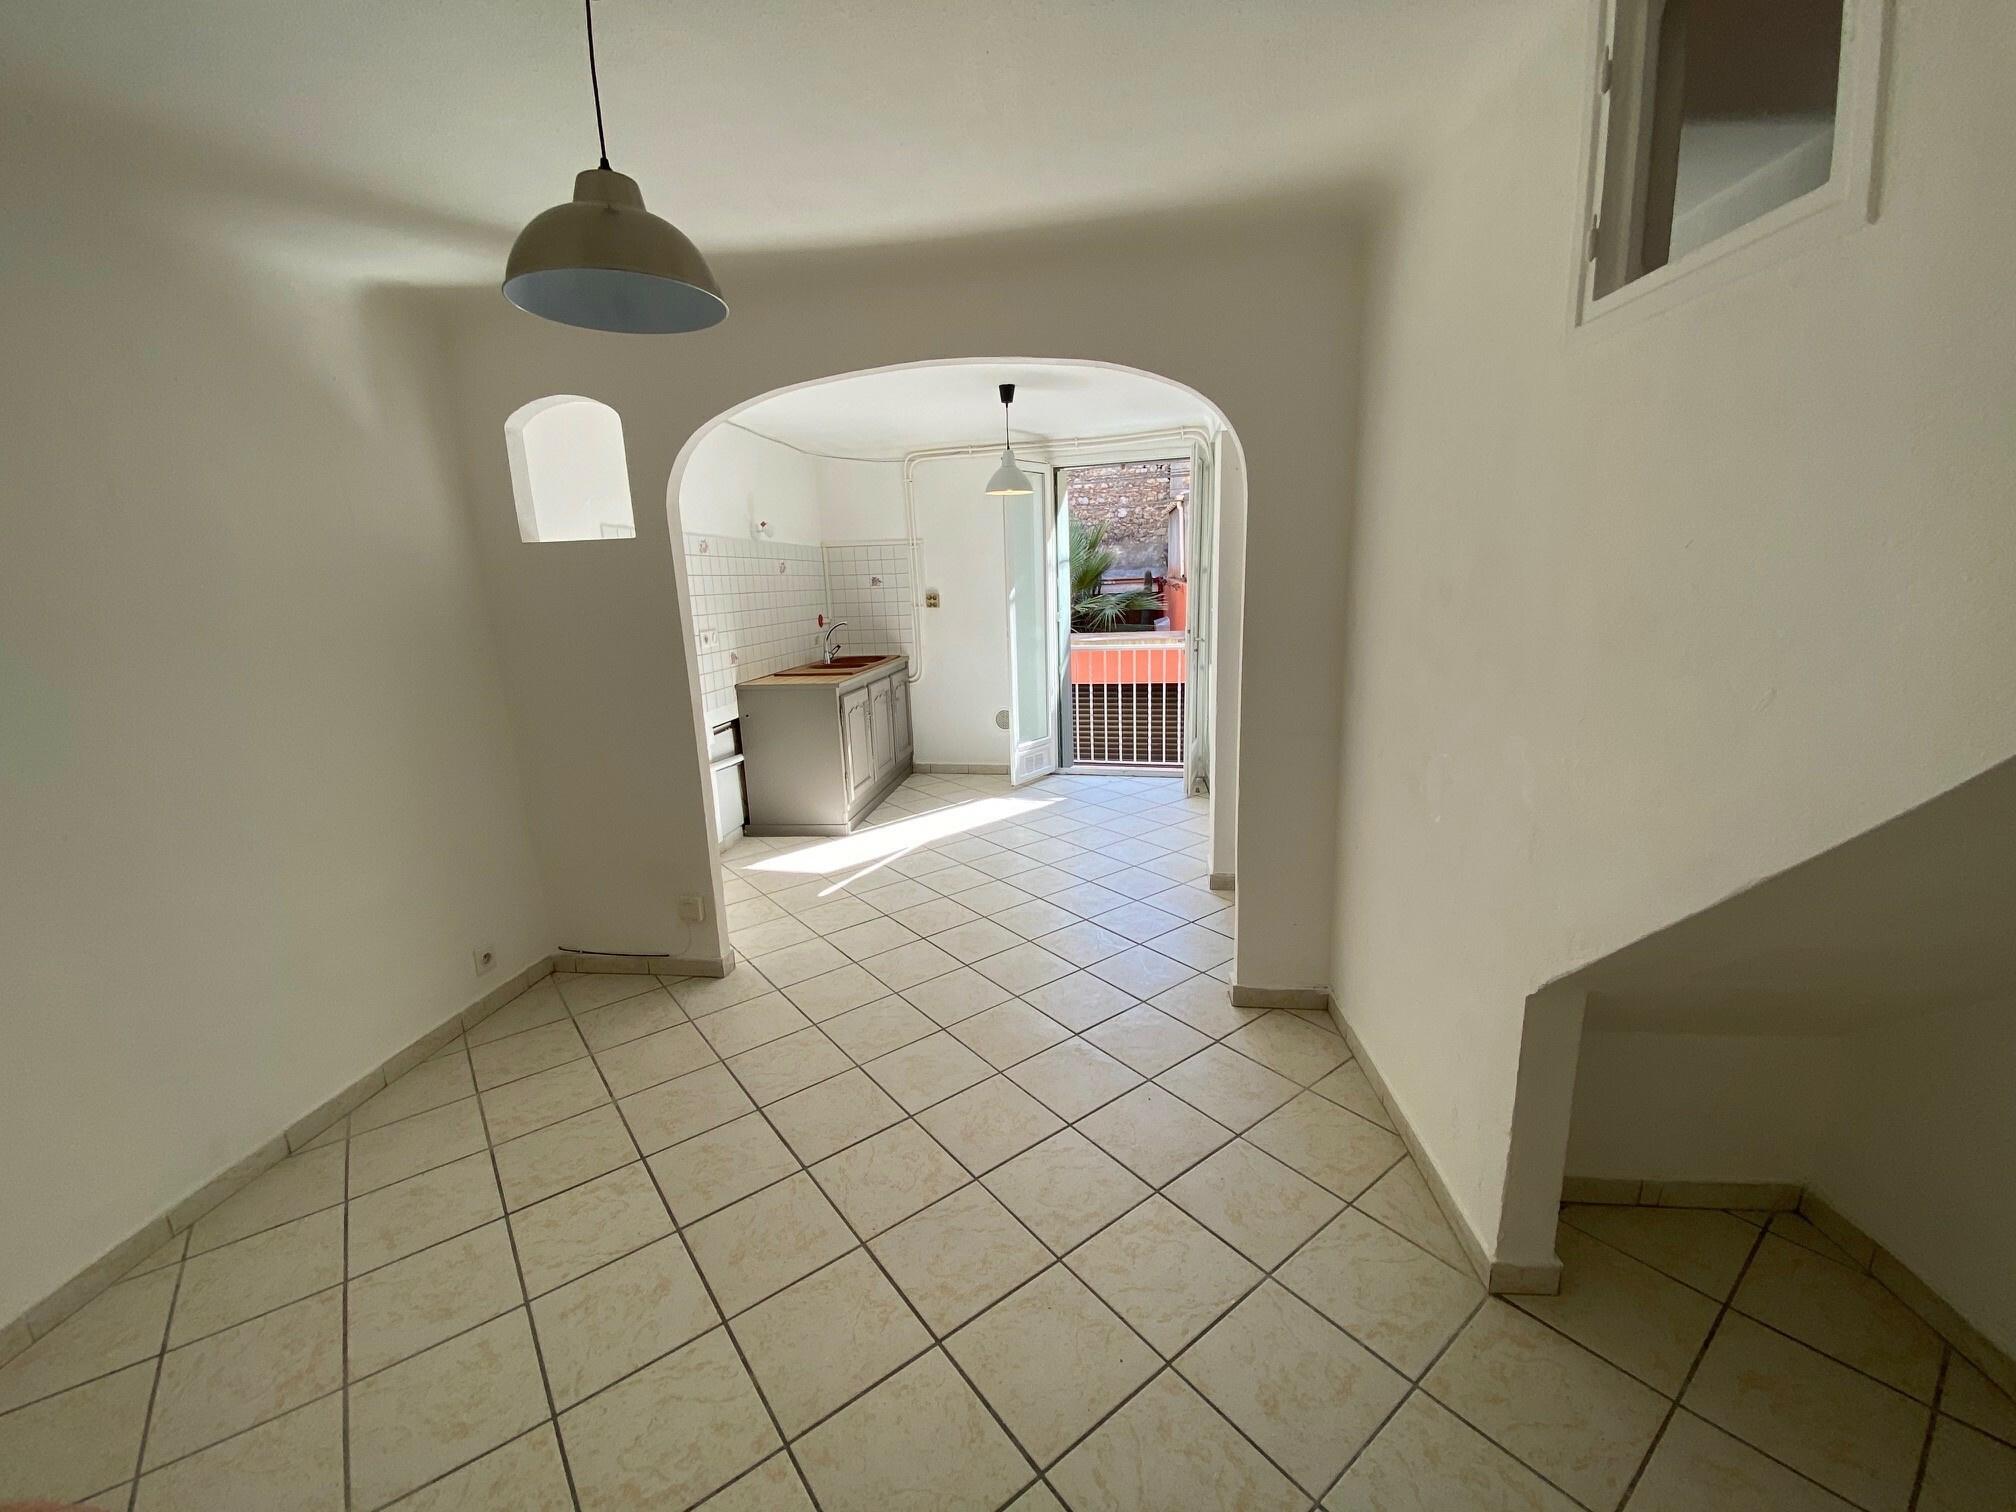 À vendre maison/villa de 41m2 à argeles sur mer (66700) - Photo 2'